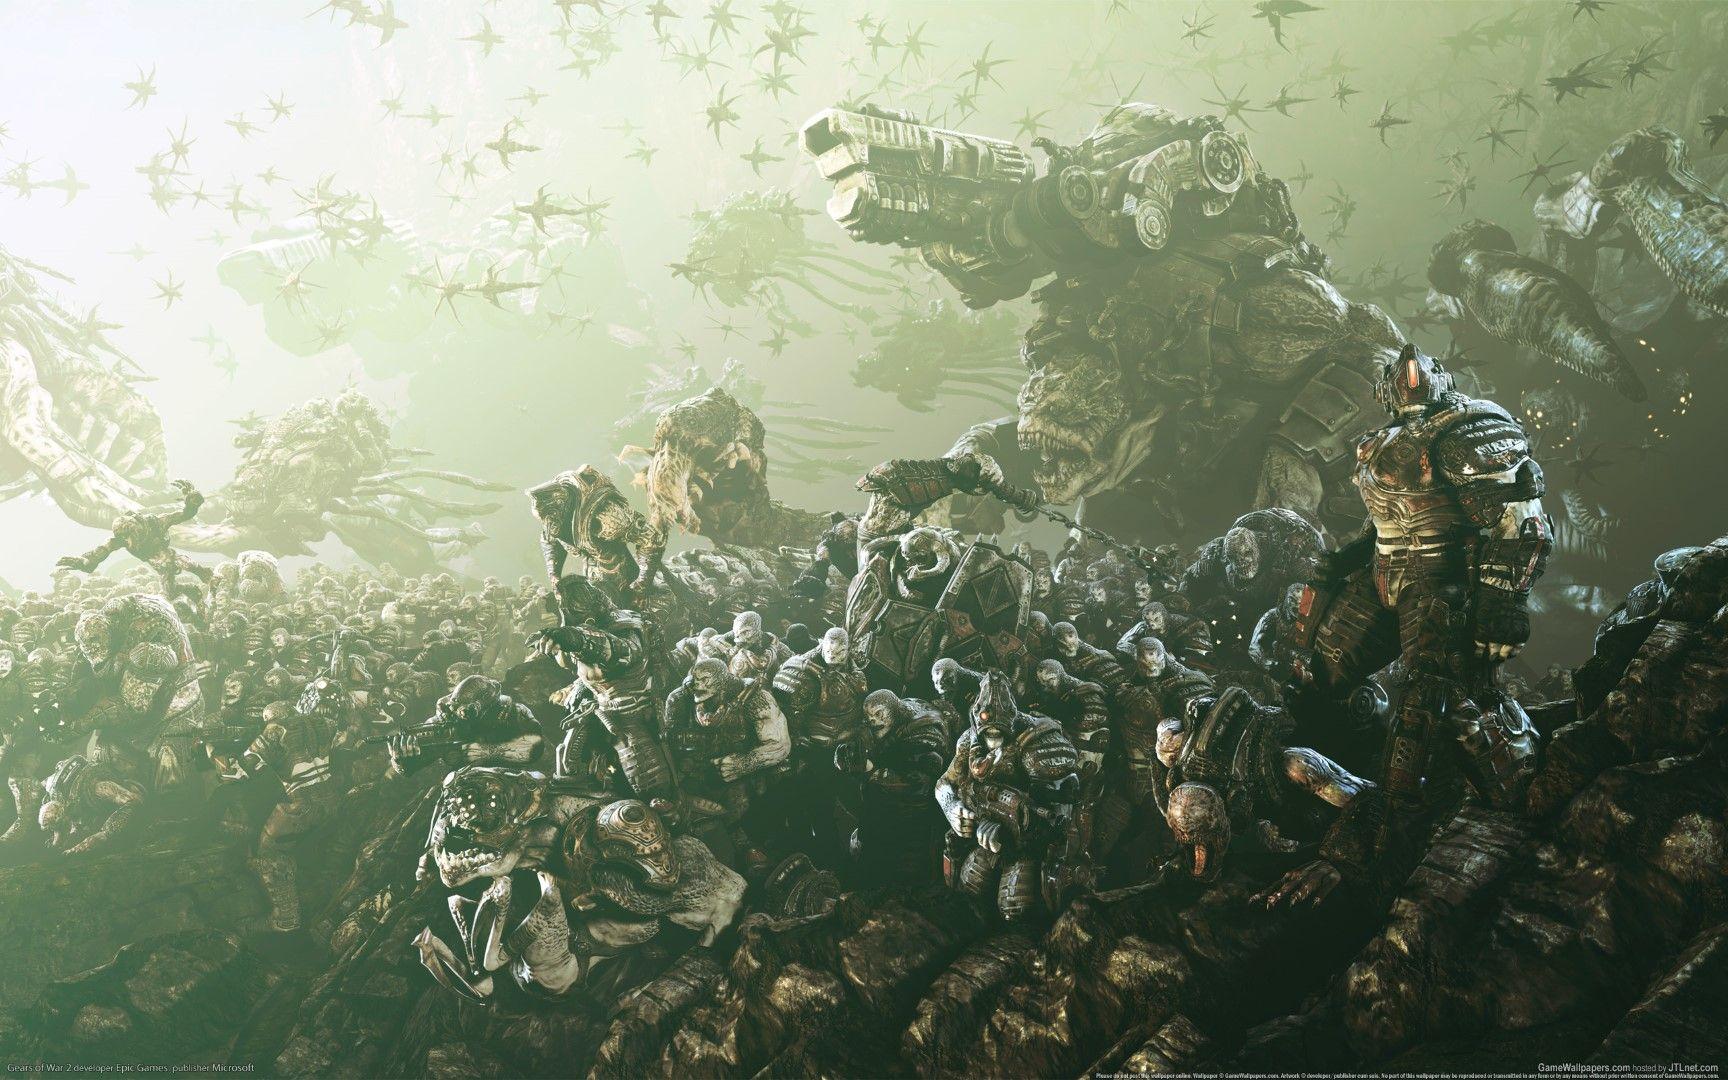 Wallpaper Gears Of War 2 10 Gears Of War 3 War Artwork Gears Of War